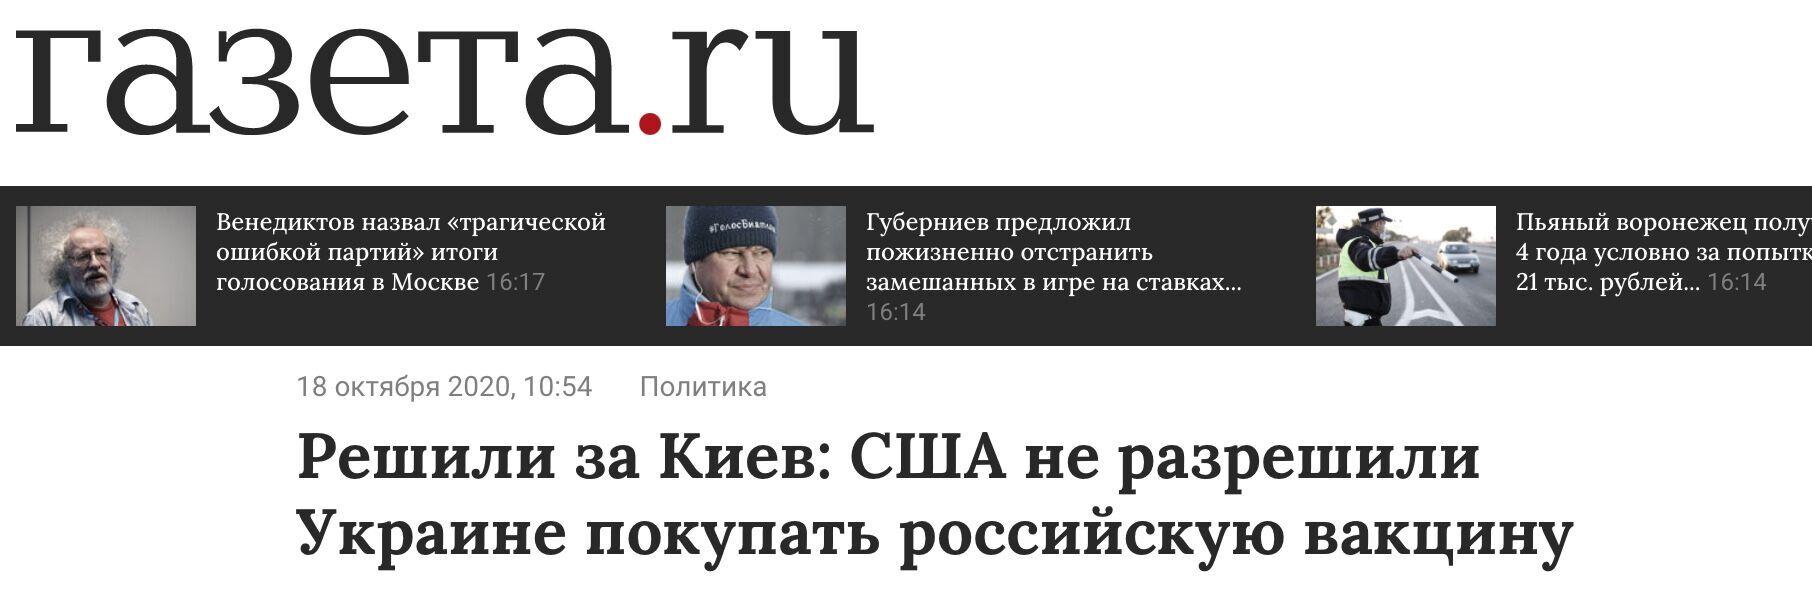 Пропаганда в російських ЗМІ